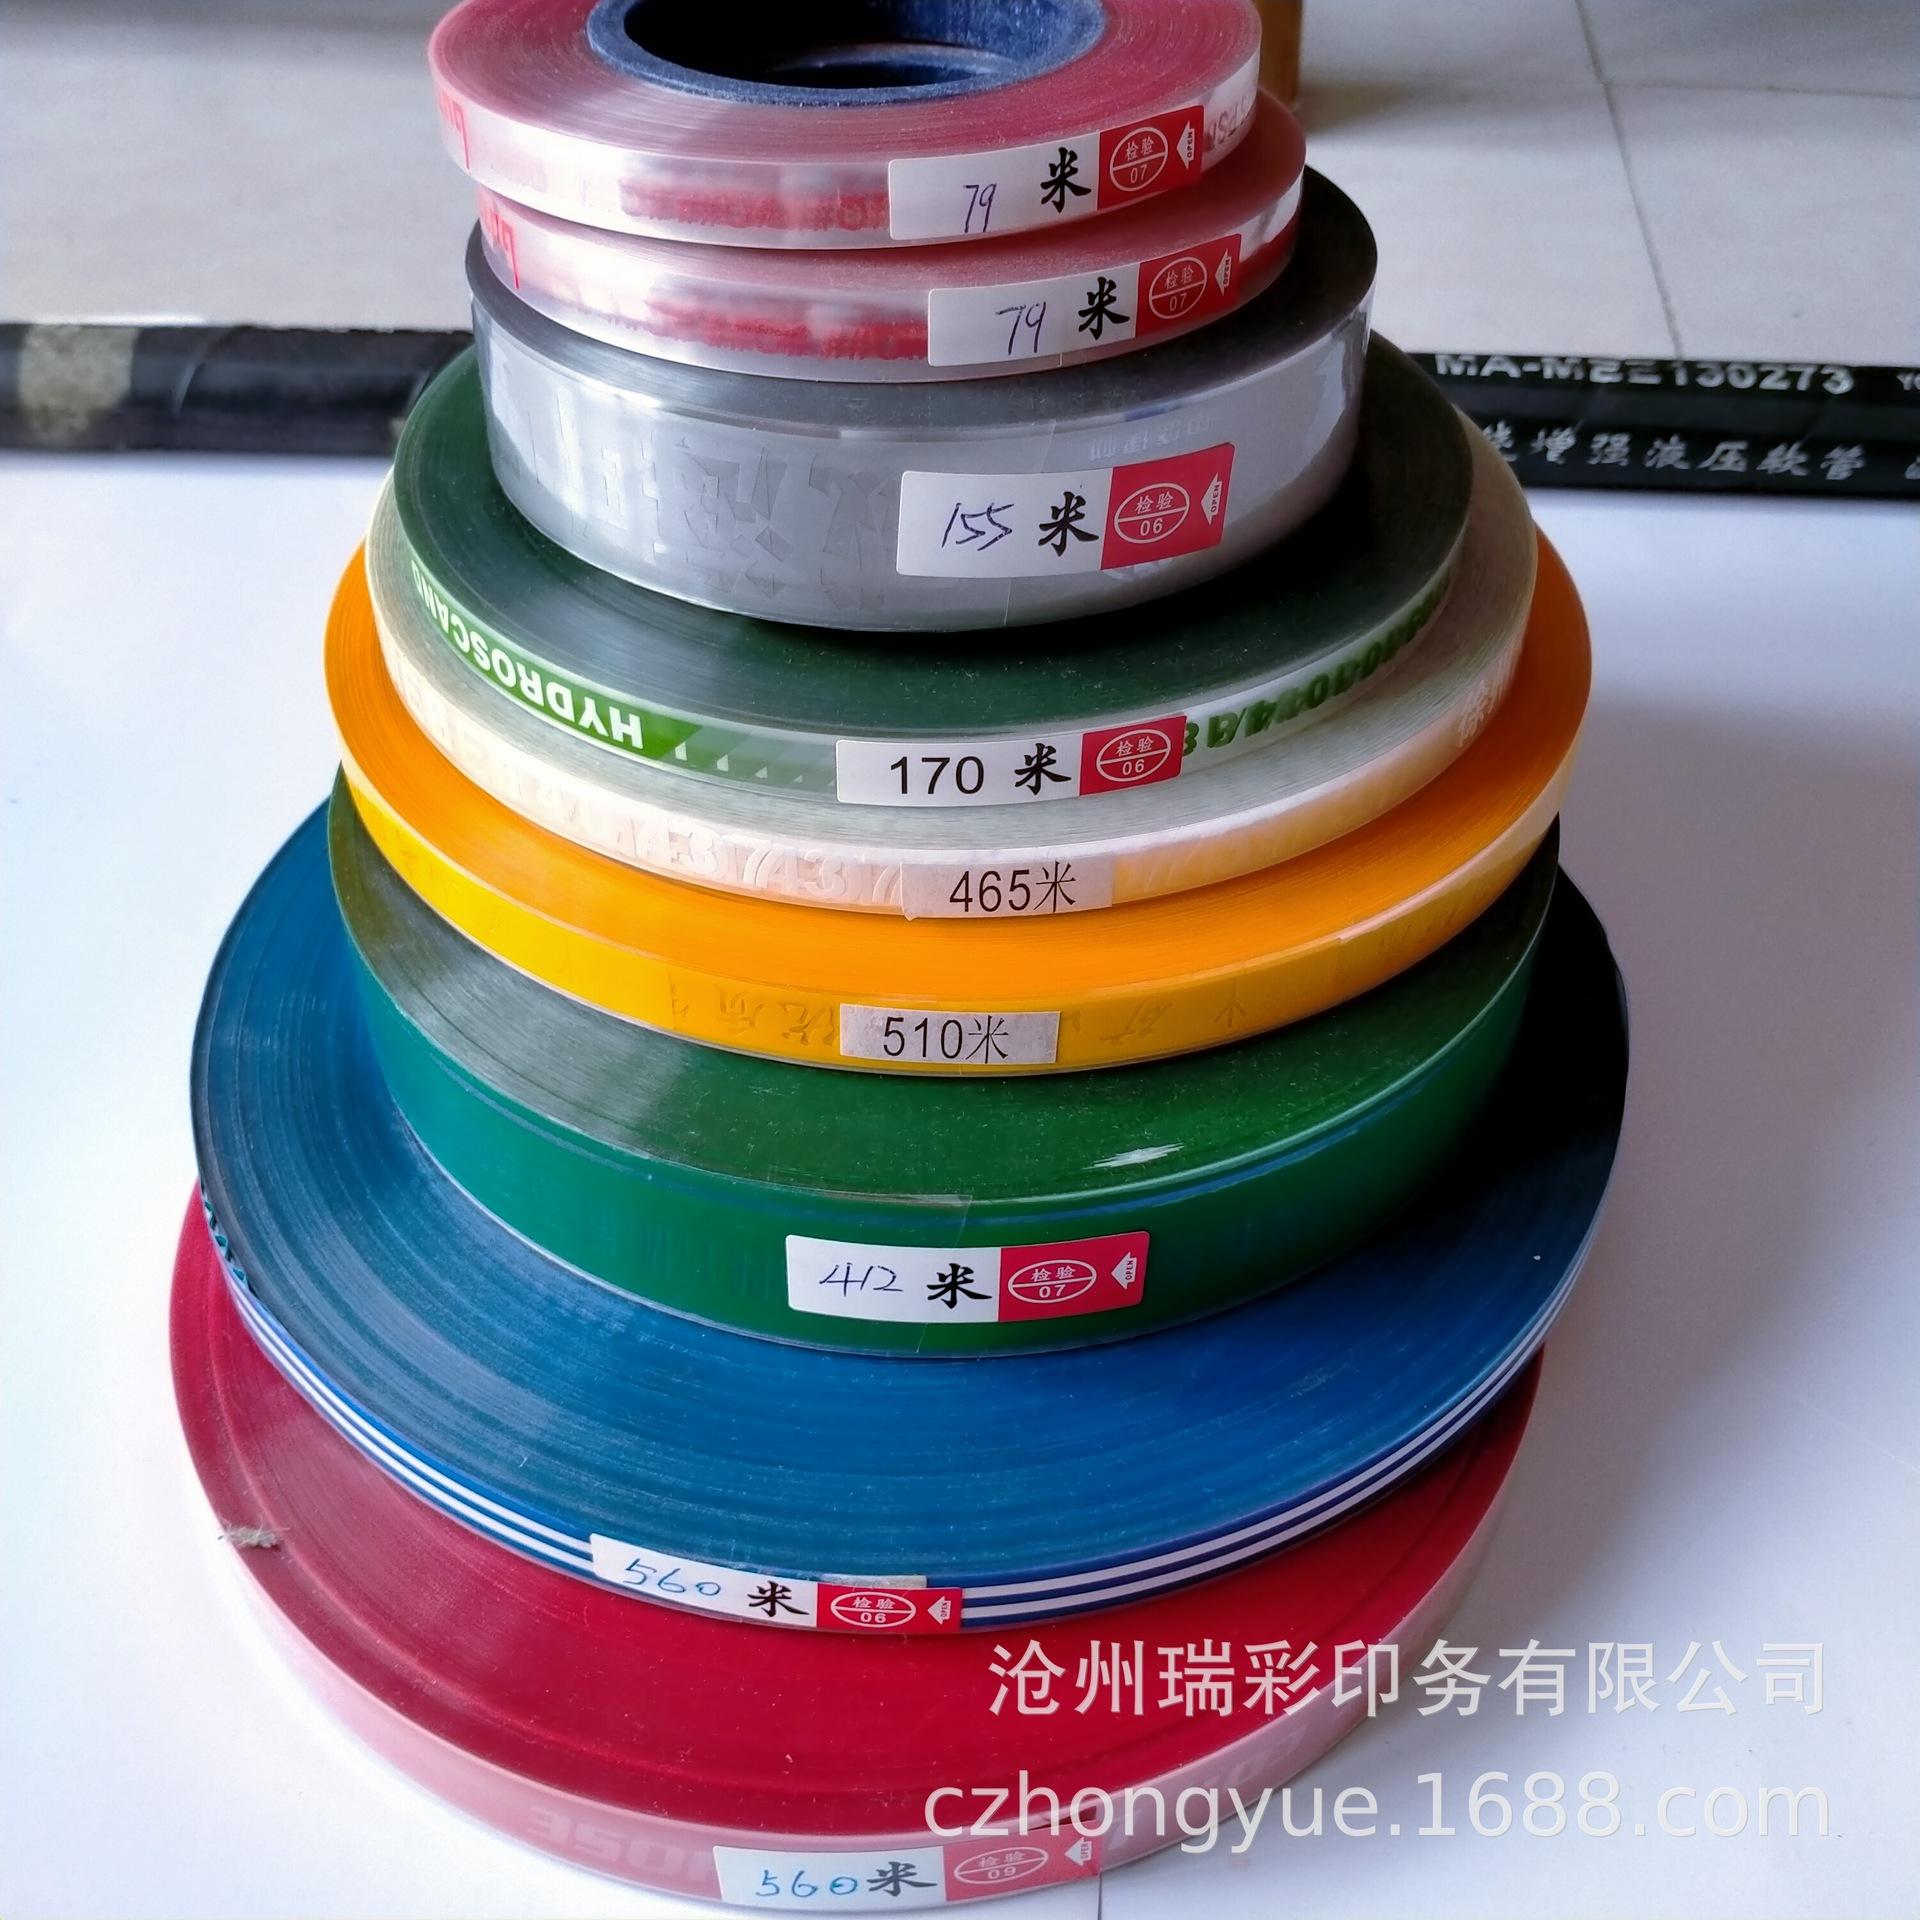 货源厂家 胶管硫化标签 缠绕软胶管标贴 定做多种型号硫化色带